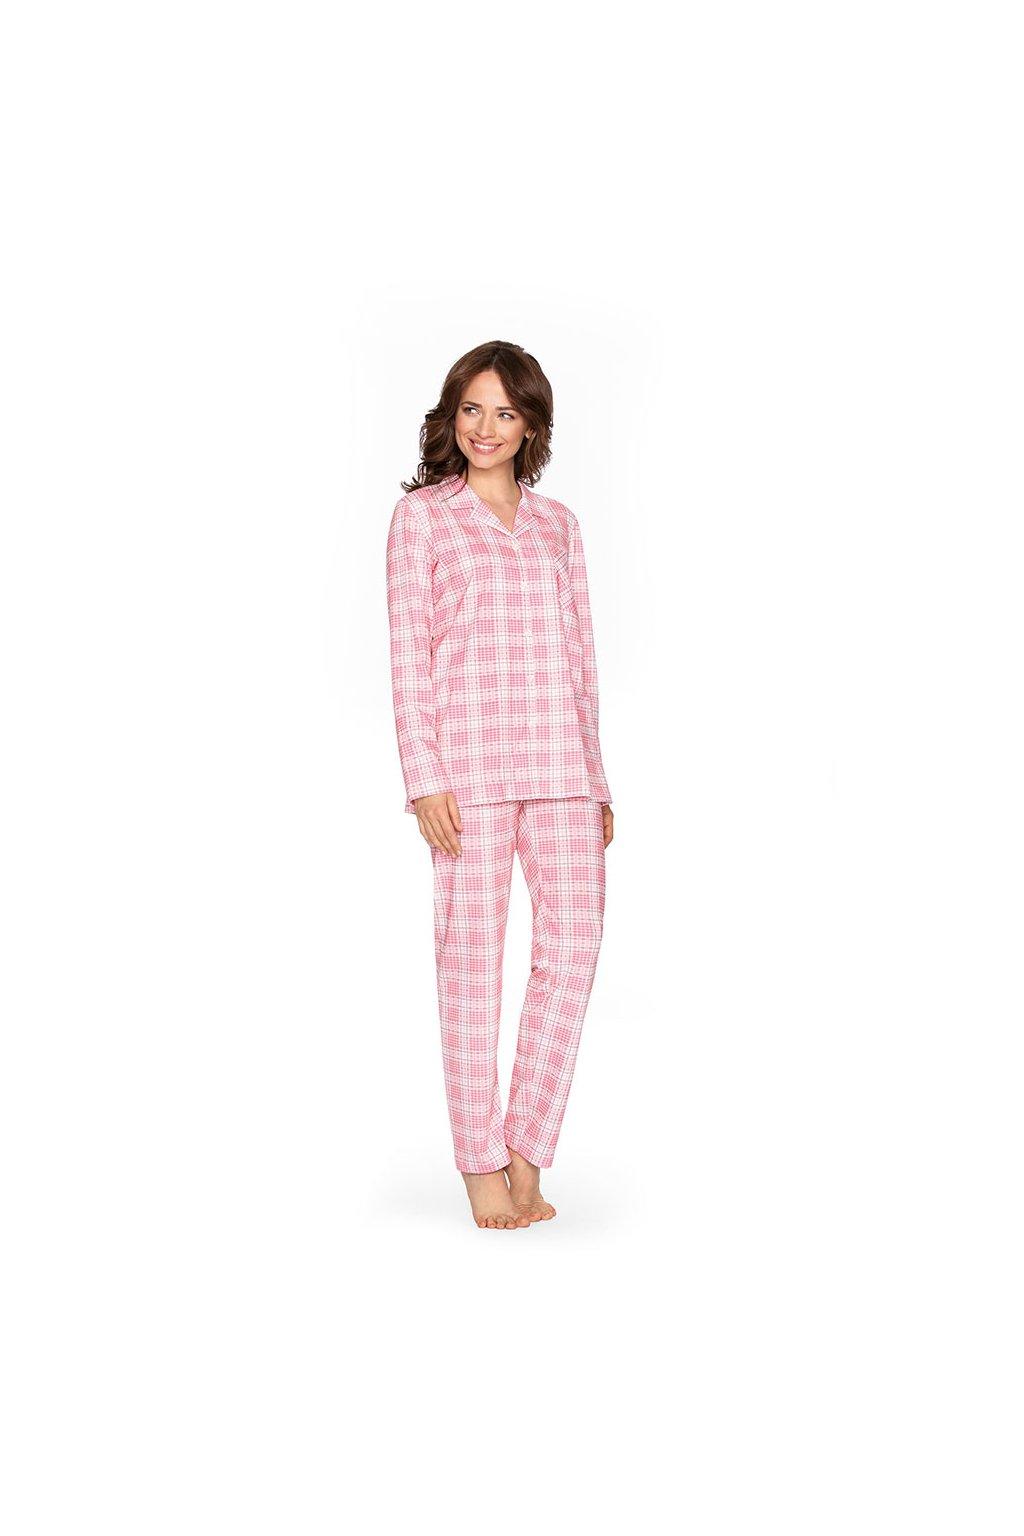 Dámské pyžamo s dlouhým rukávem, 104463 366, růžová